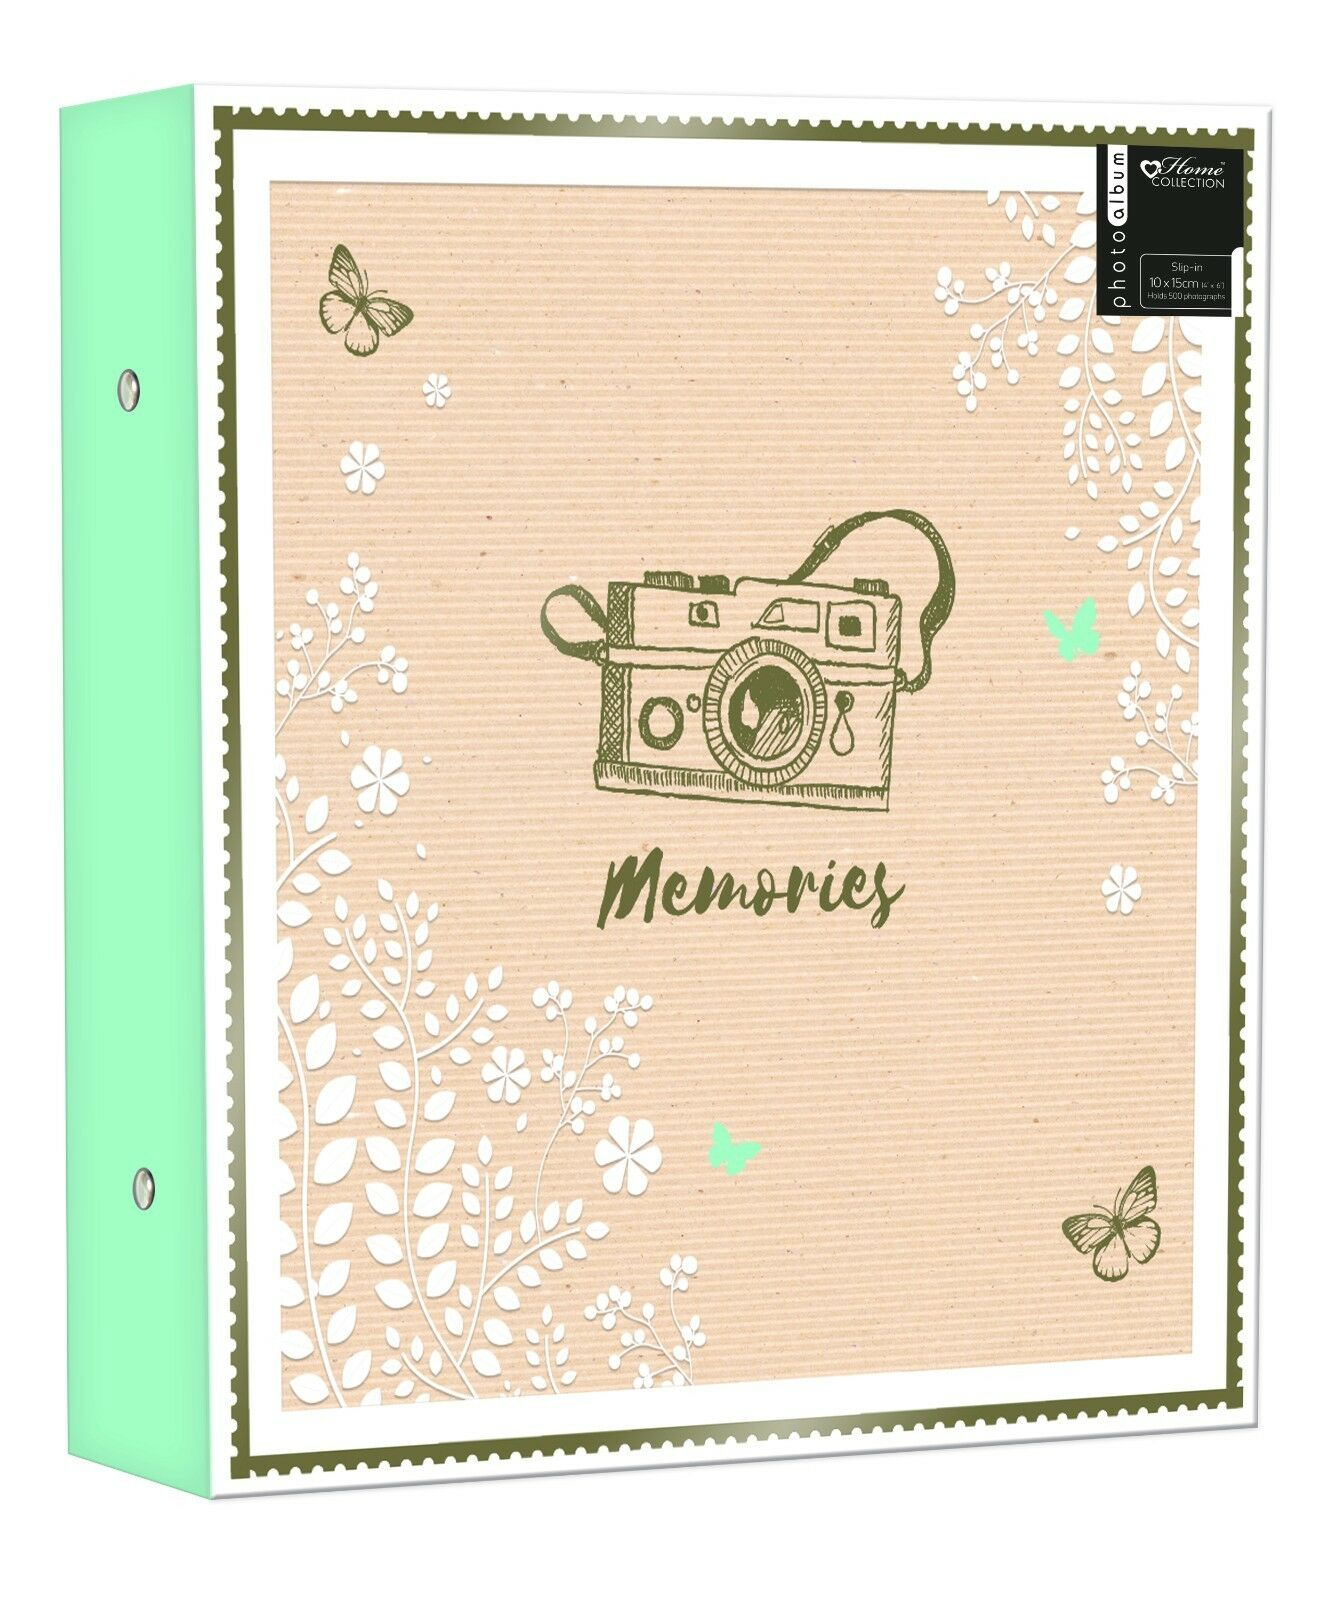 Large Ringbinder Photo Album 500 Photos Memories Design Holds 500 6x4